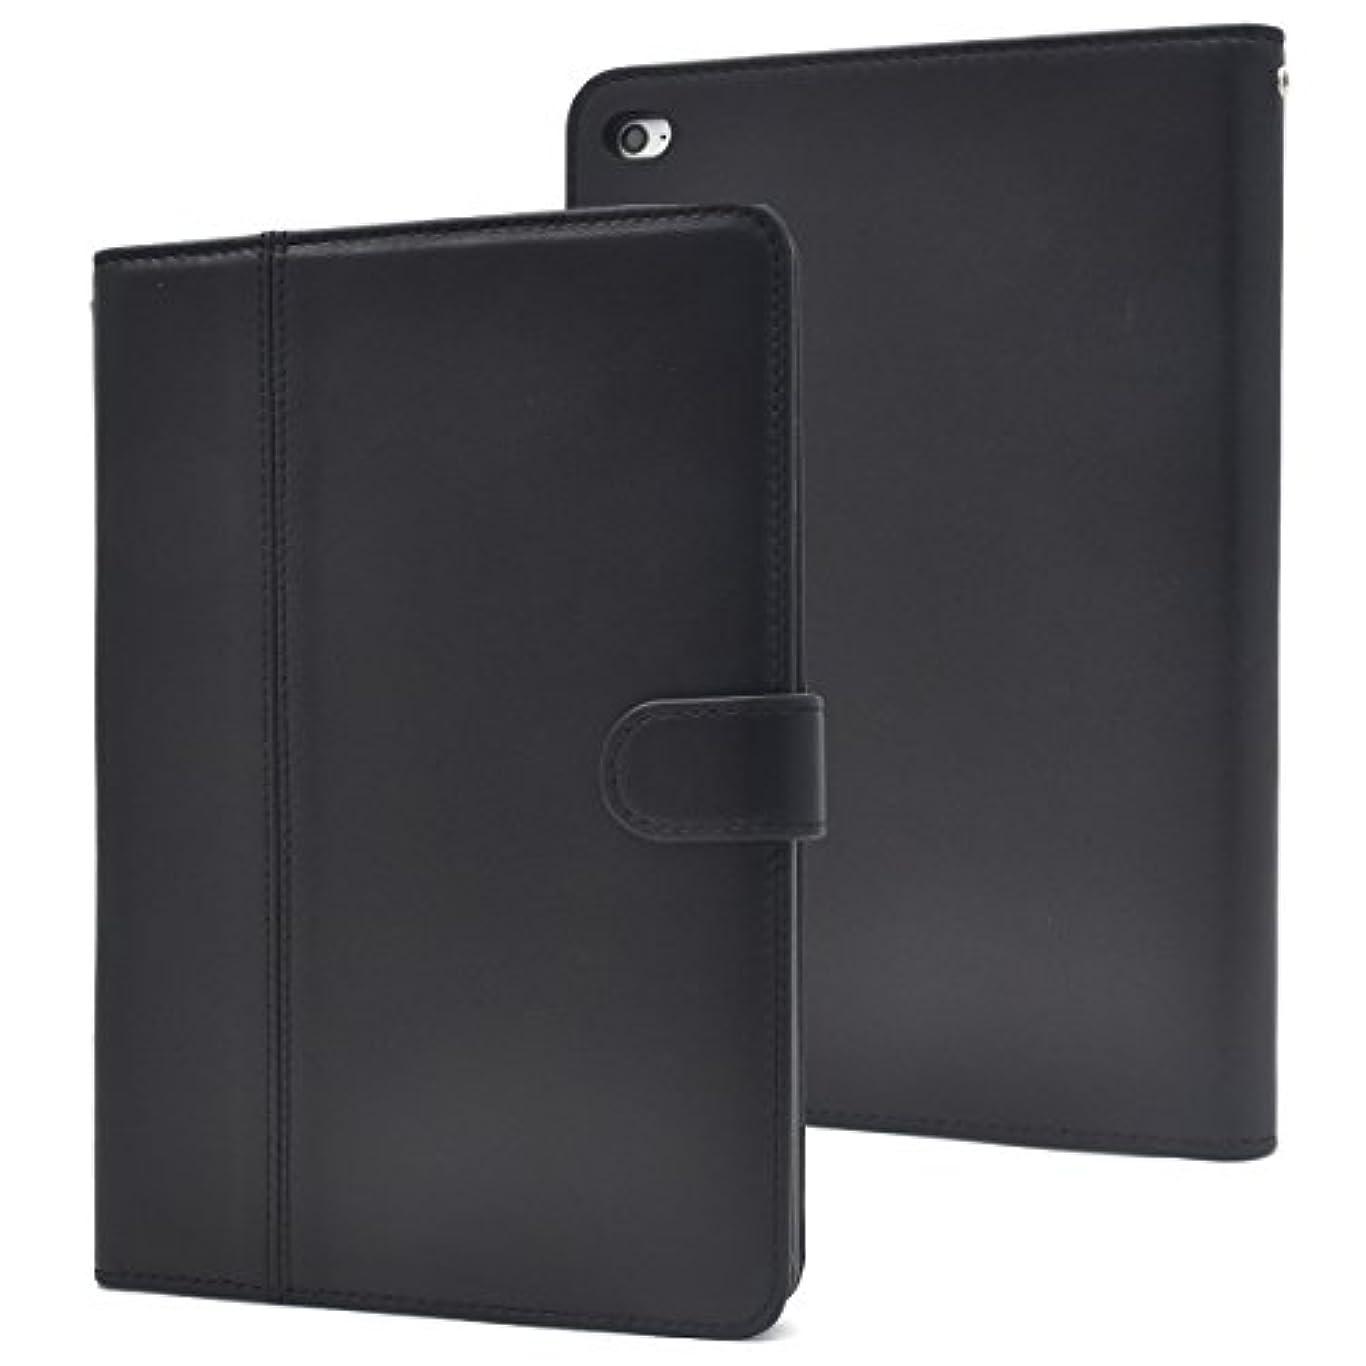 引退した掃くエミュレーションPLATA iPad mini 4 ケース 手帳型 本革 ラム シープスキン 手触りの良い 羊革 レザー スタンド カバー スリープモード 対応 【 ブラック 】 IPDM4-88BK